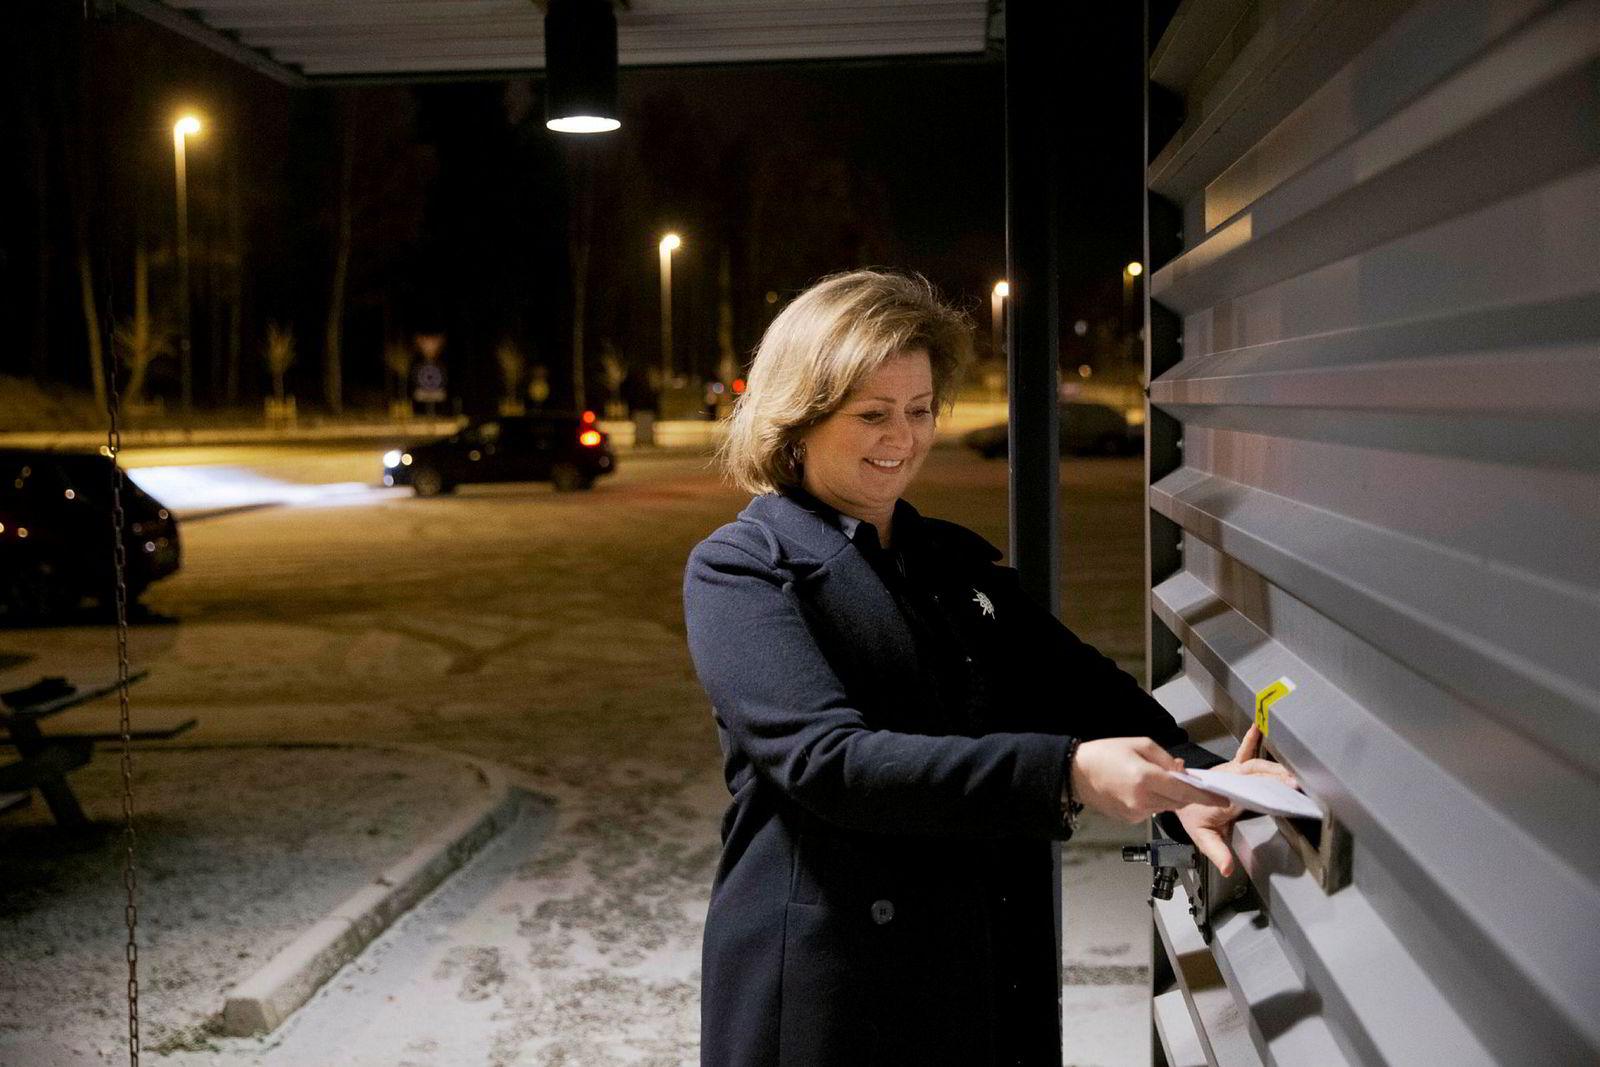 Annette F. Lier hadde lite lyst til runder med prøvekjøring, papirarbeid og ansvar for feil etter salg. – Jeg kastet inn nøkkelen i går, og nå ser jeg ikke den bilen igjen, sier hun.